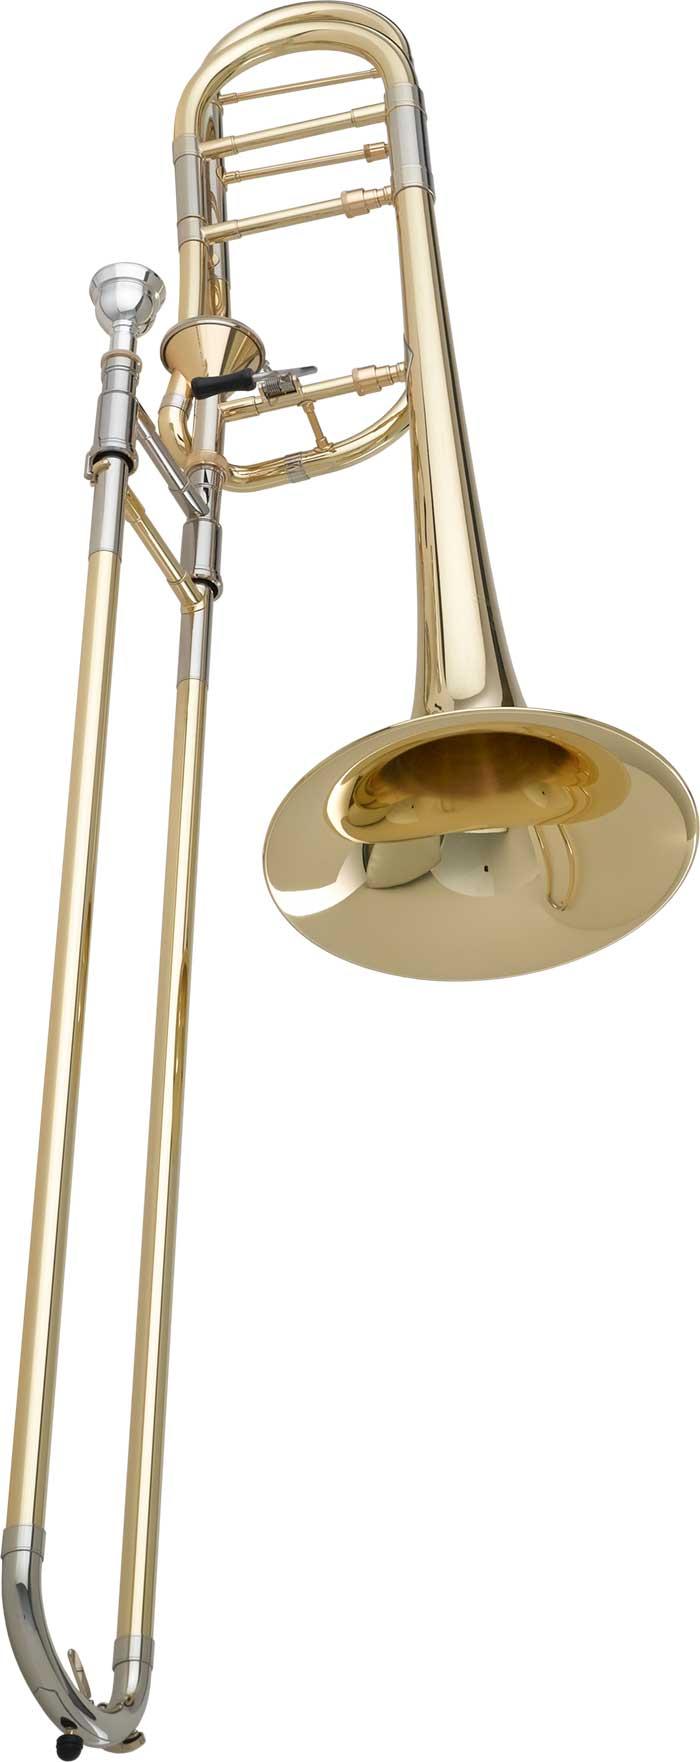 Getzen 3047AF Tenor Trombone